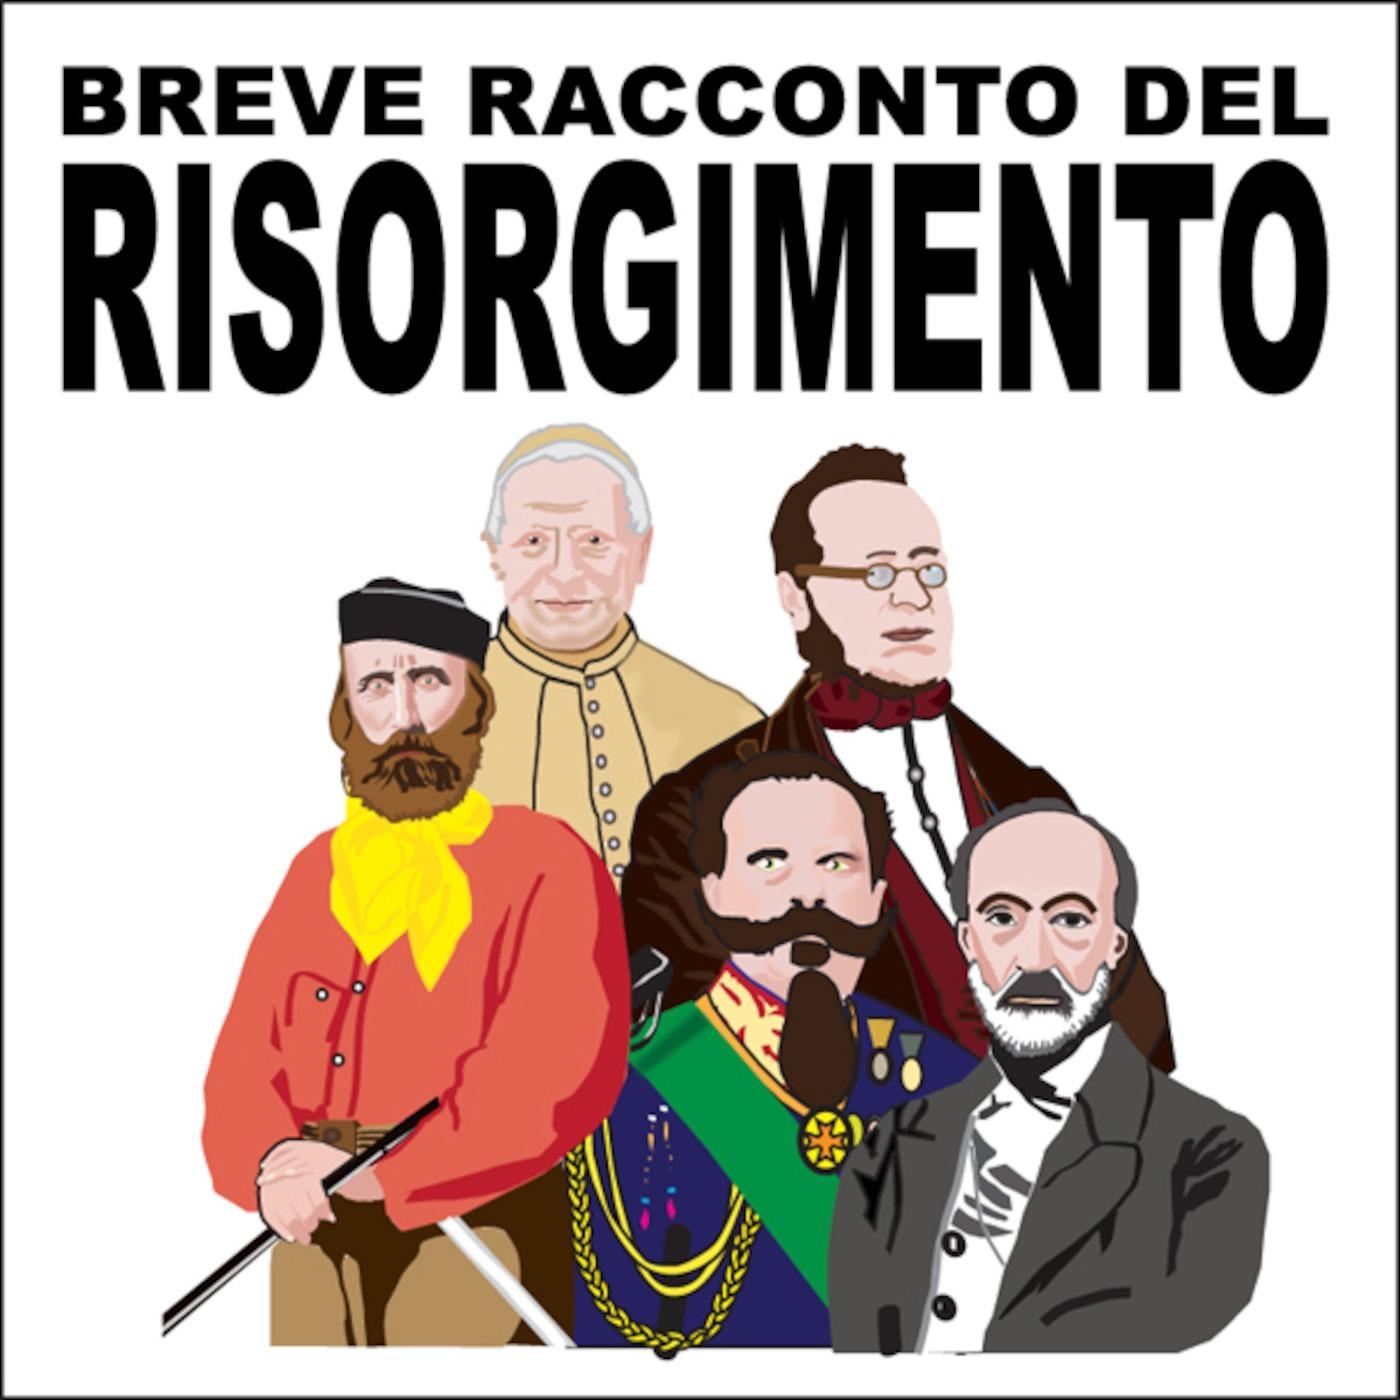 Breve racconto del Risorgimento